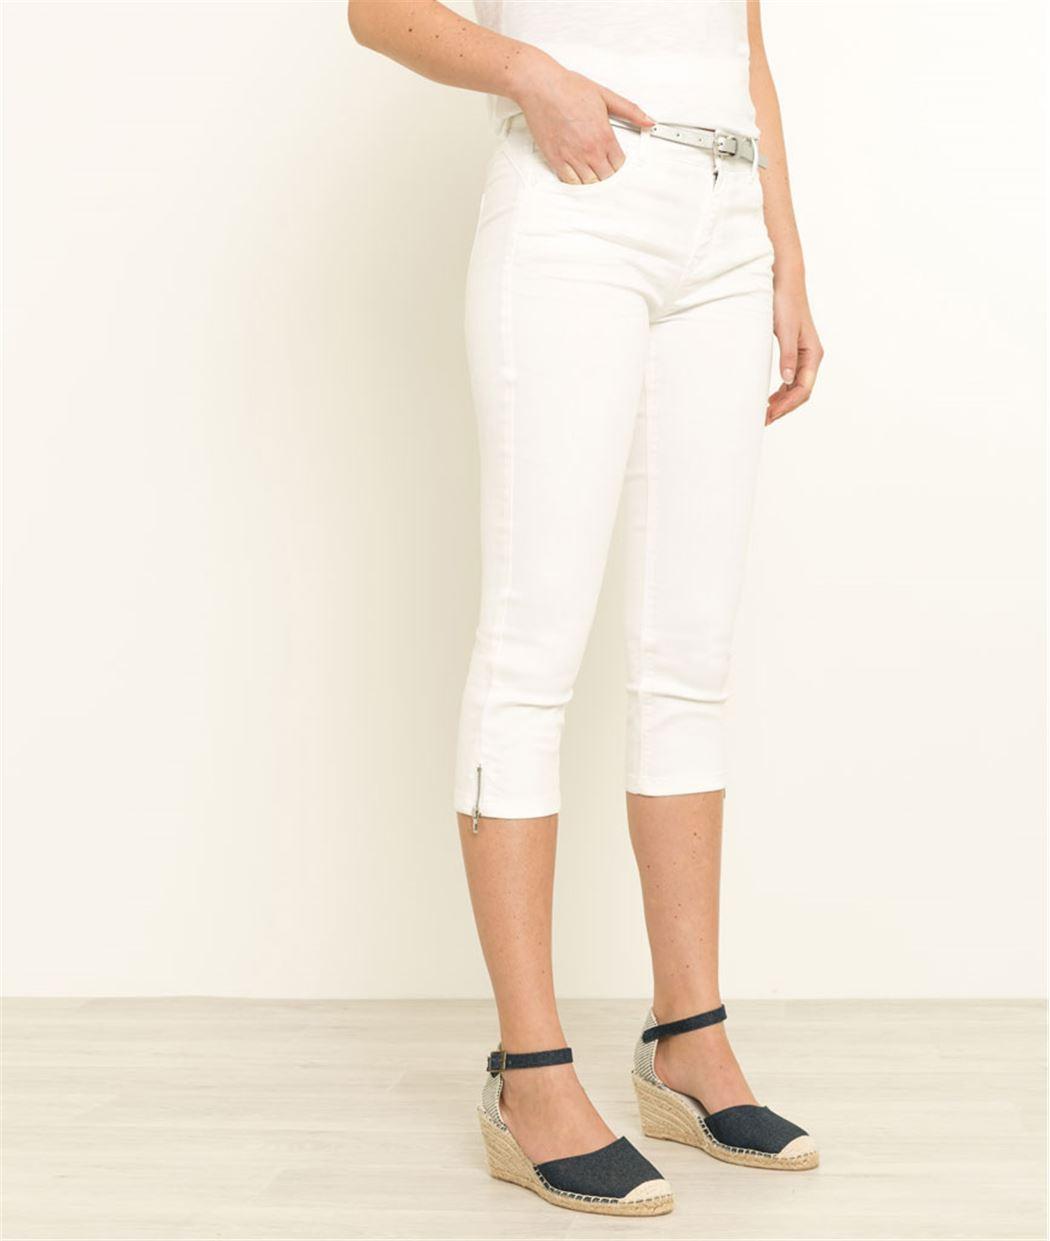 corsaire femme en jean couleurs blanc grain de malice. Black Bedroom Furniture Sets. Home Design Ideas